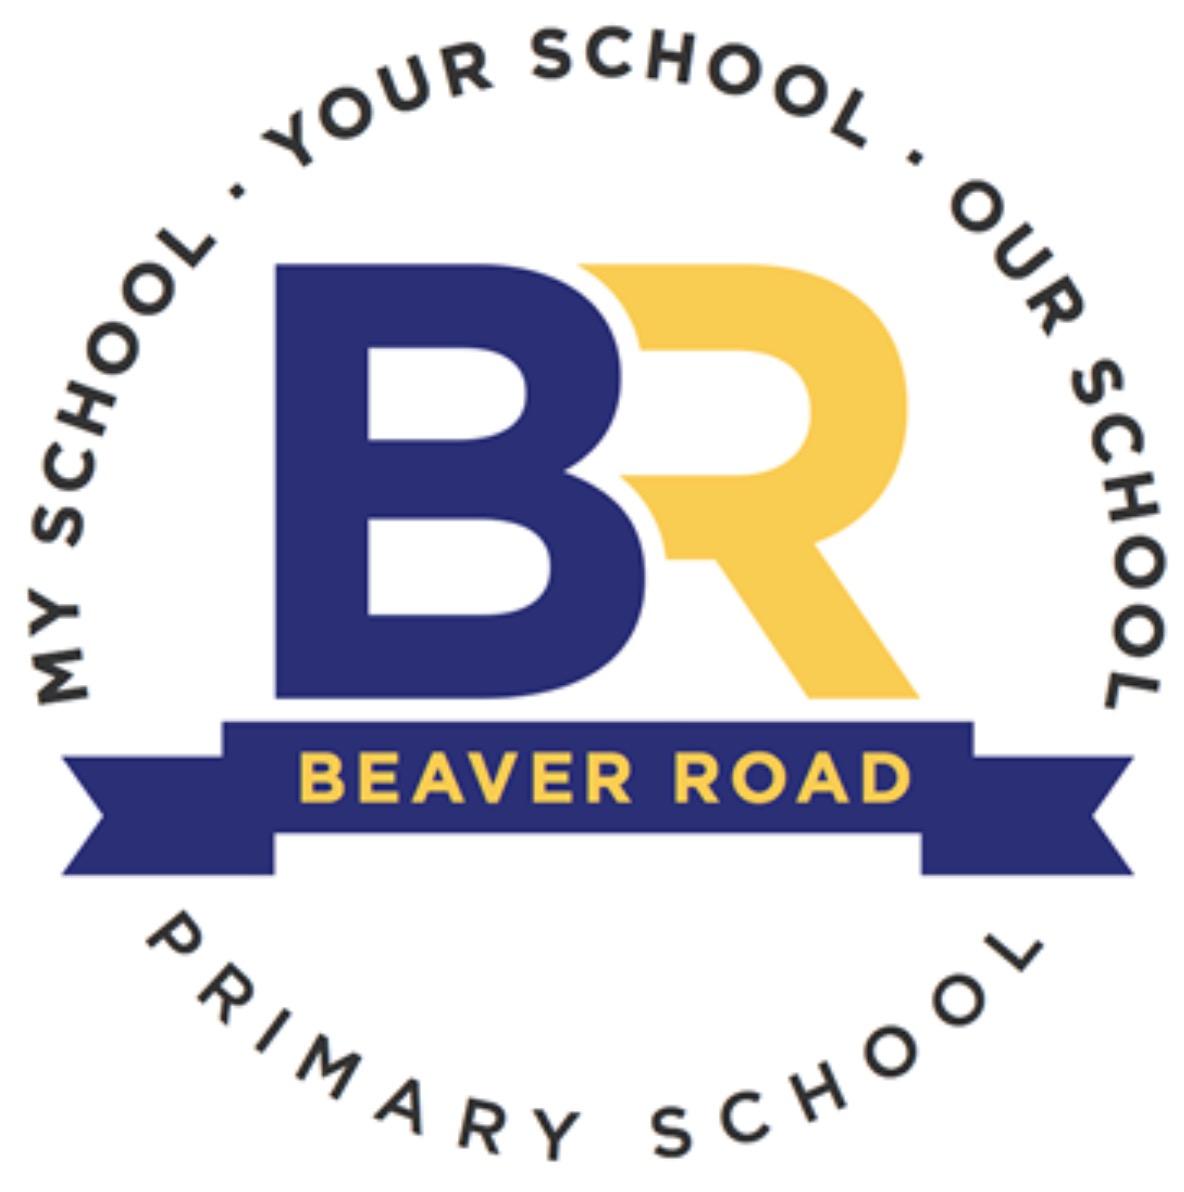 Beaver Road Primary School